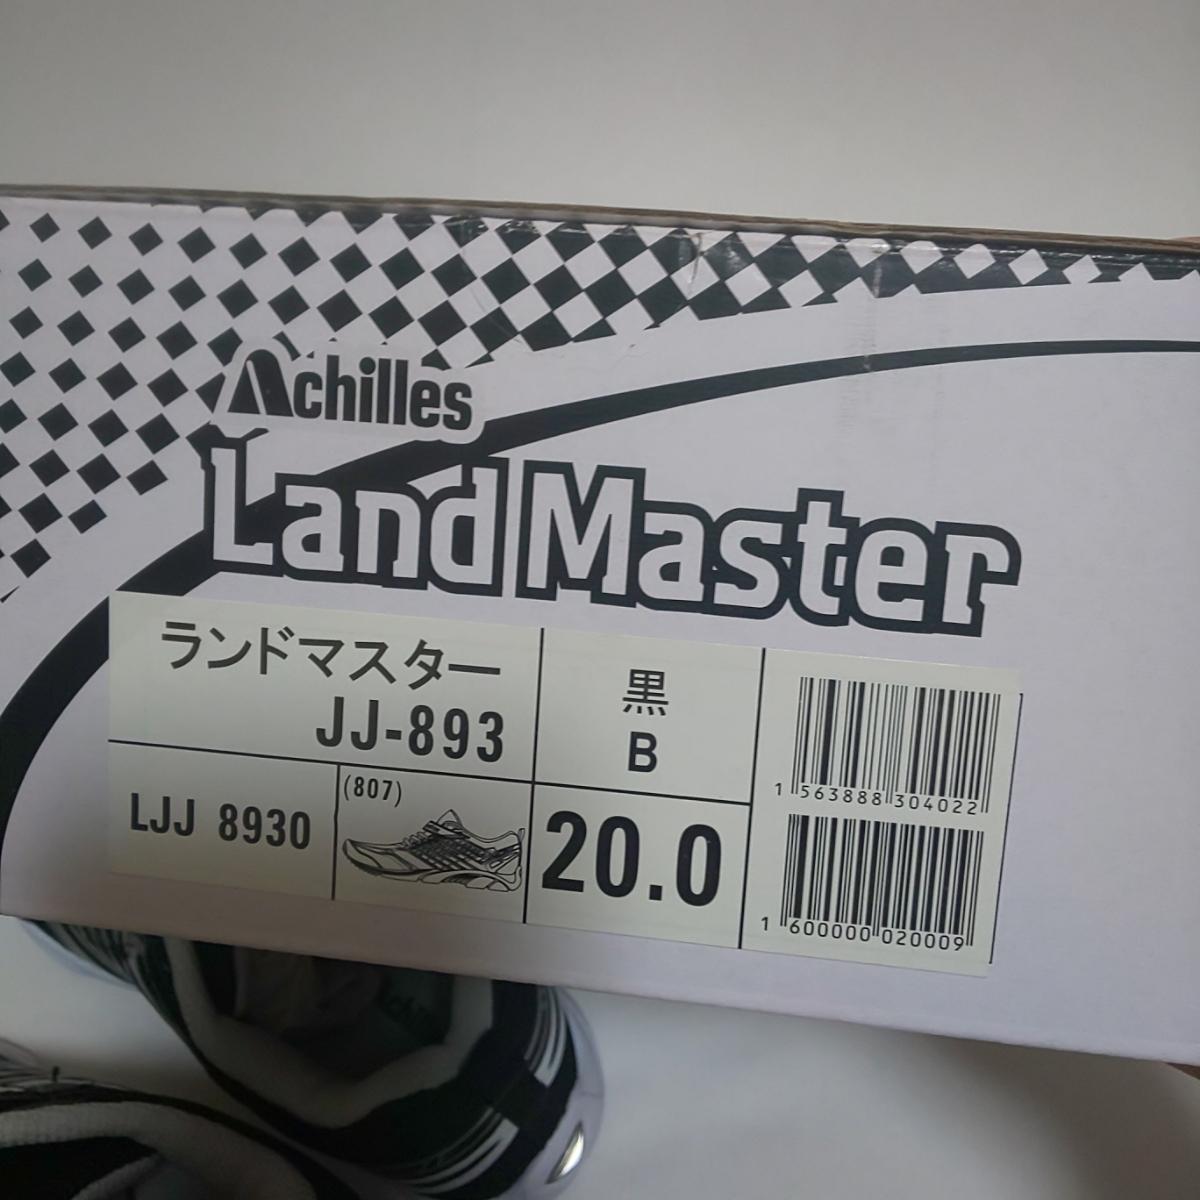 新品 Achilles ランドマスター 男の子 スニーカー 20cm アキレス 運動靴_画像7